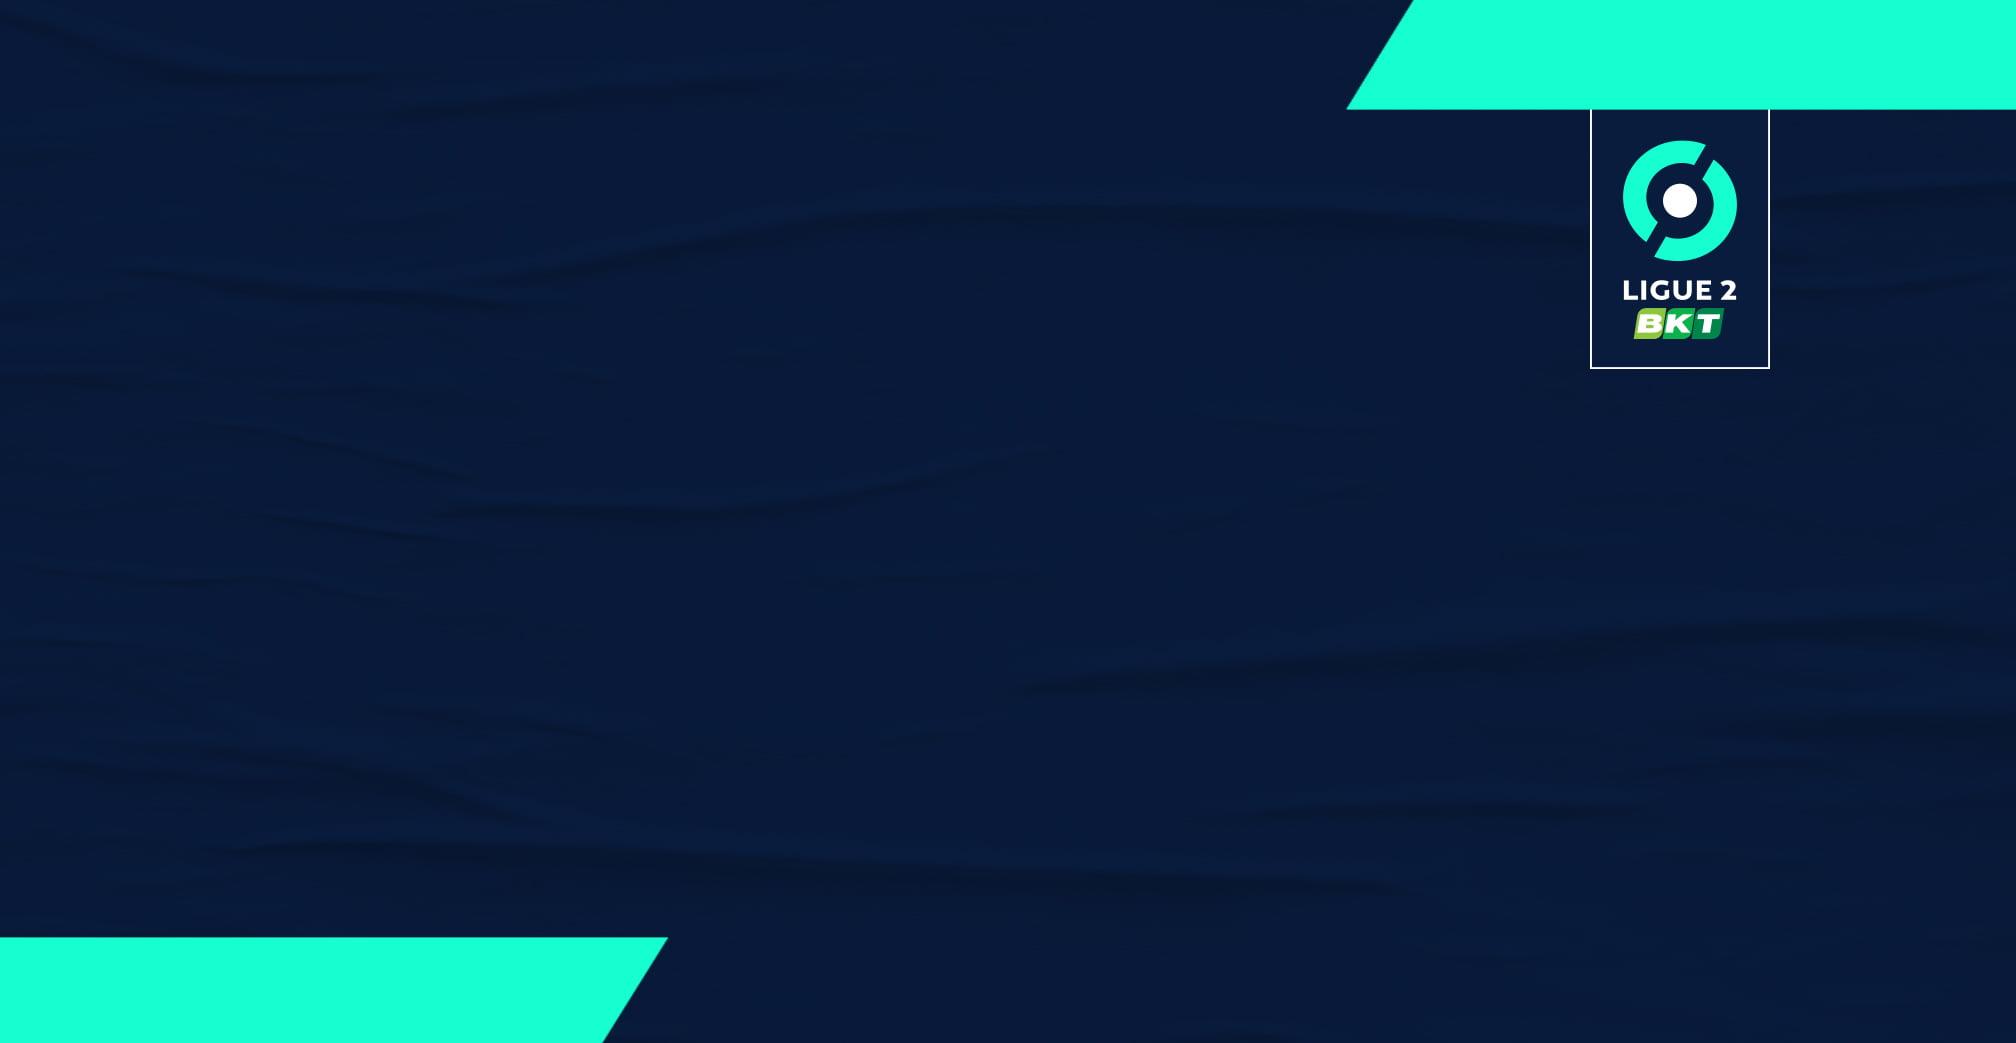 Ligue 2 BKT : le calendrier de la saison 2020/2021